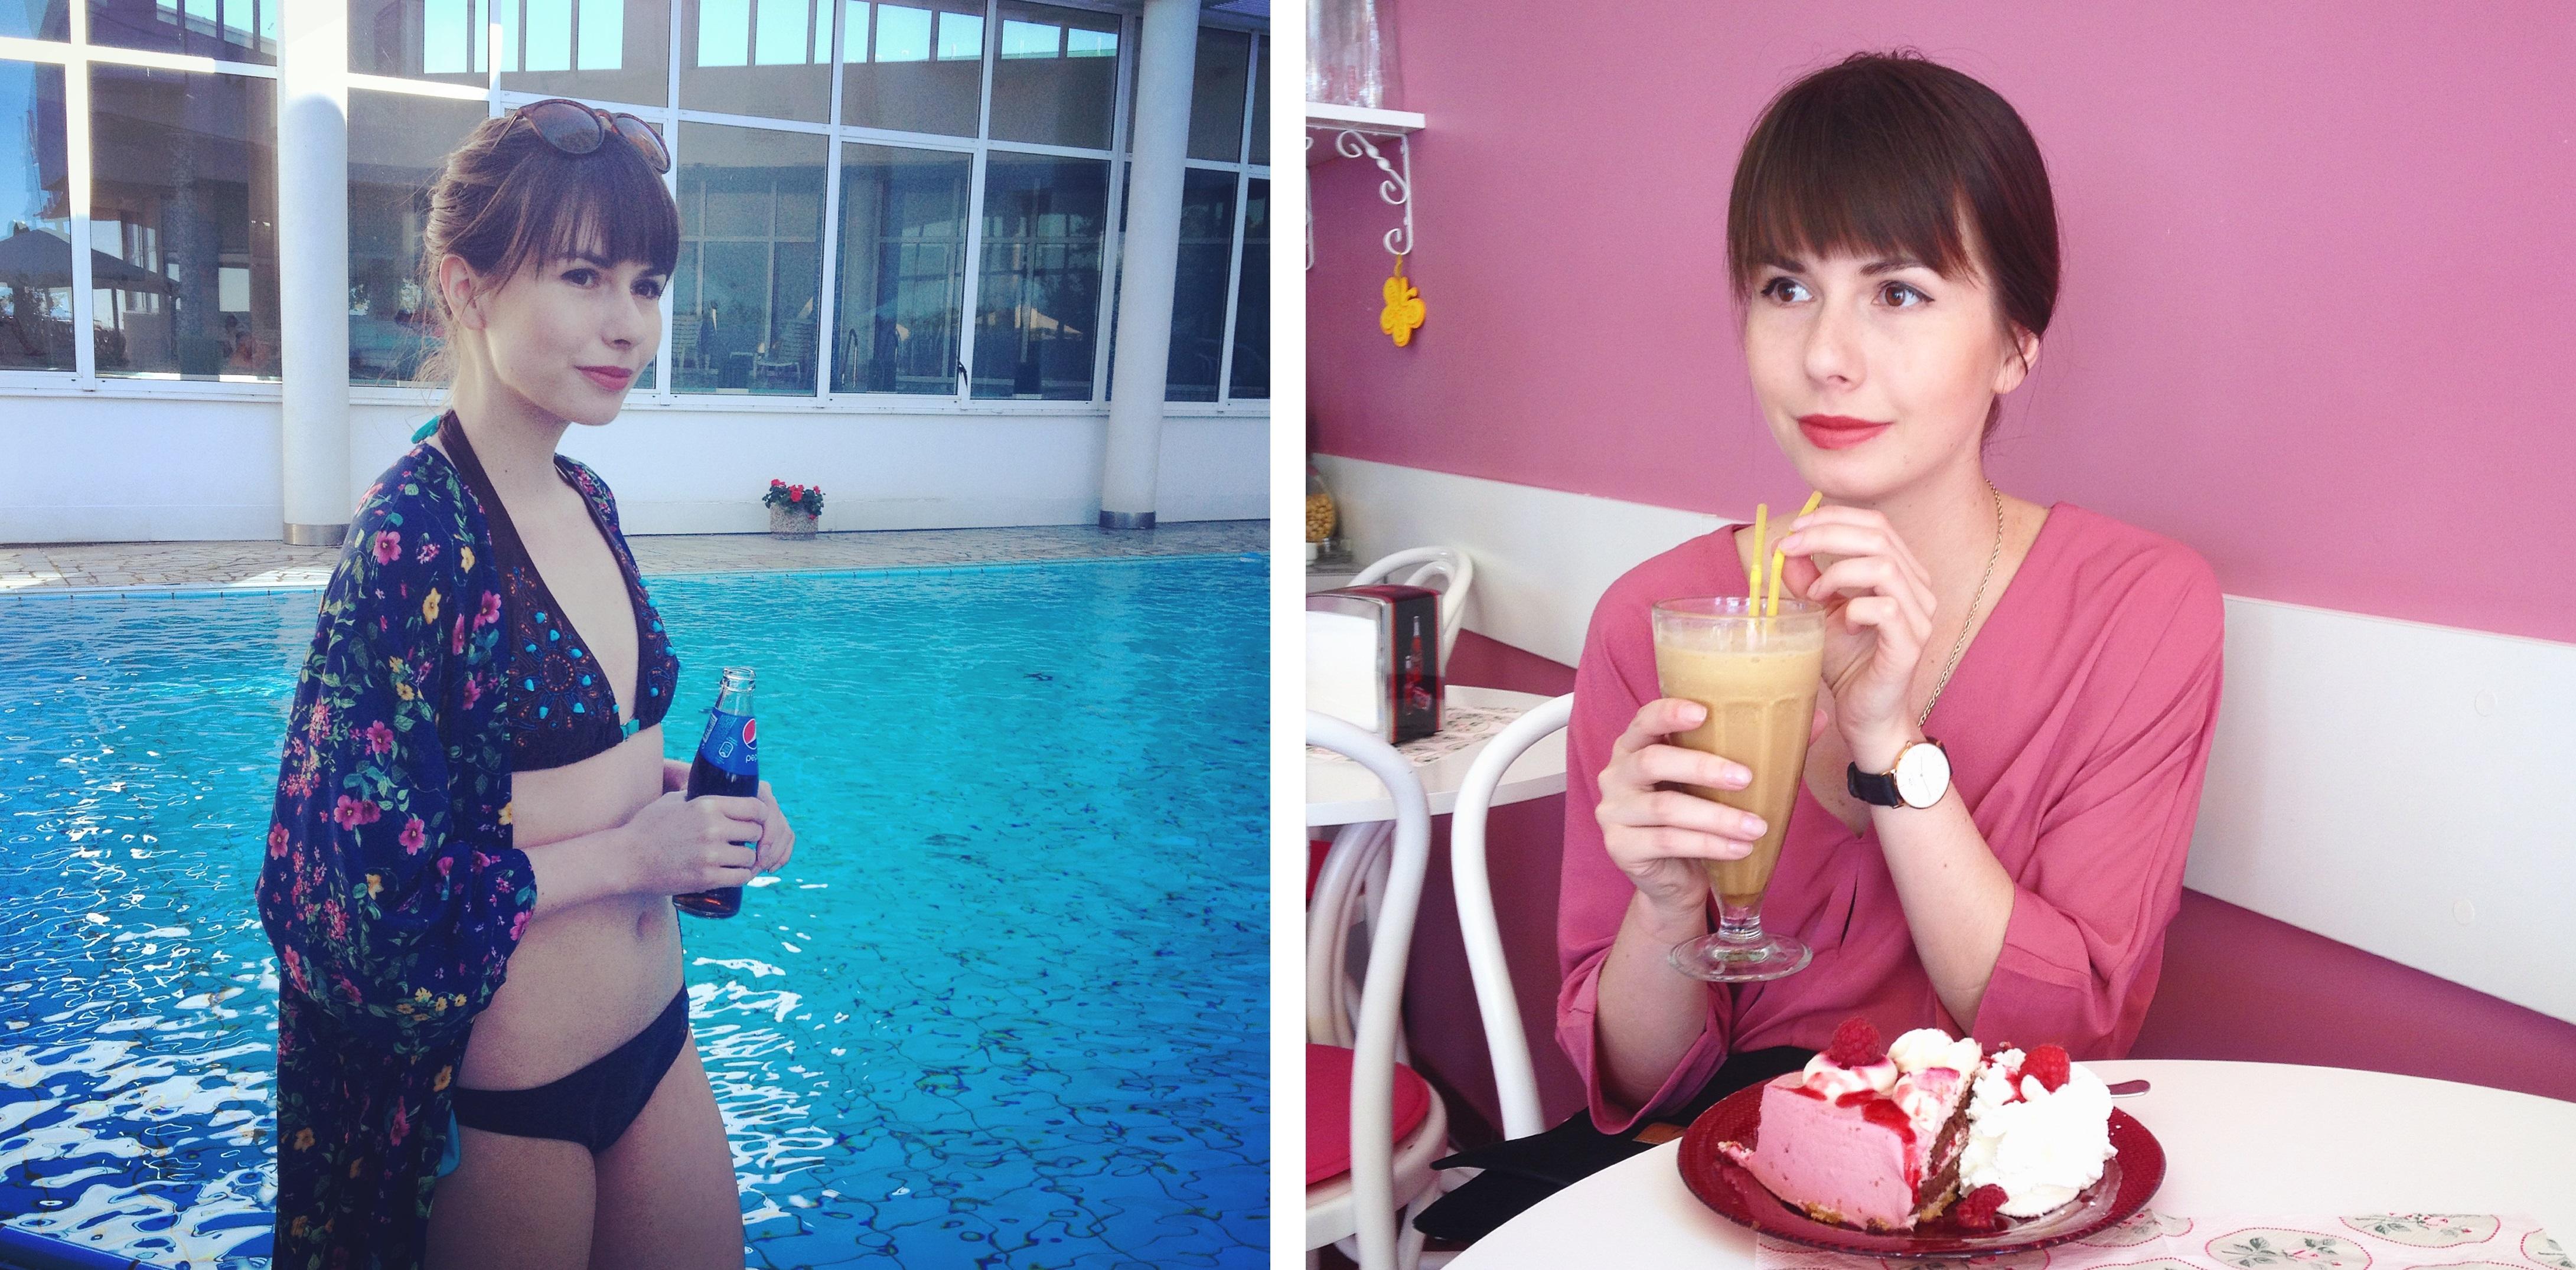 Instagram mix międzyzdroje na basenie